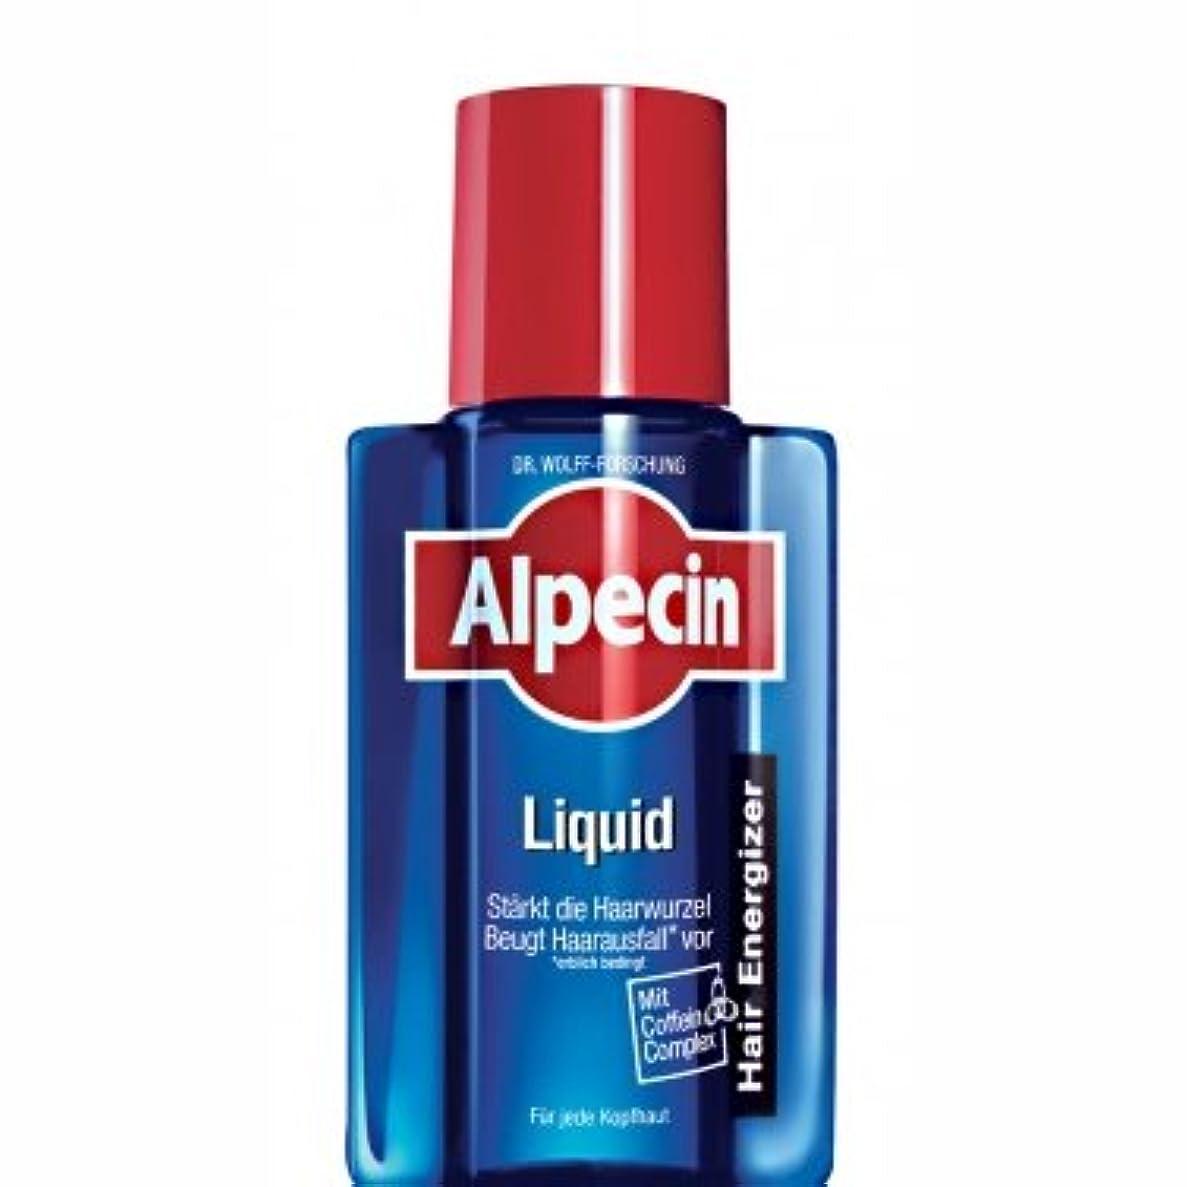 用心ビン情報ALPECIN オーガニックシャンプー アフターシャンプーリキッド 200ml【並行輸入品】